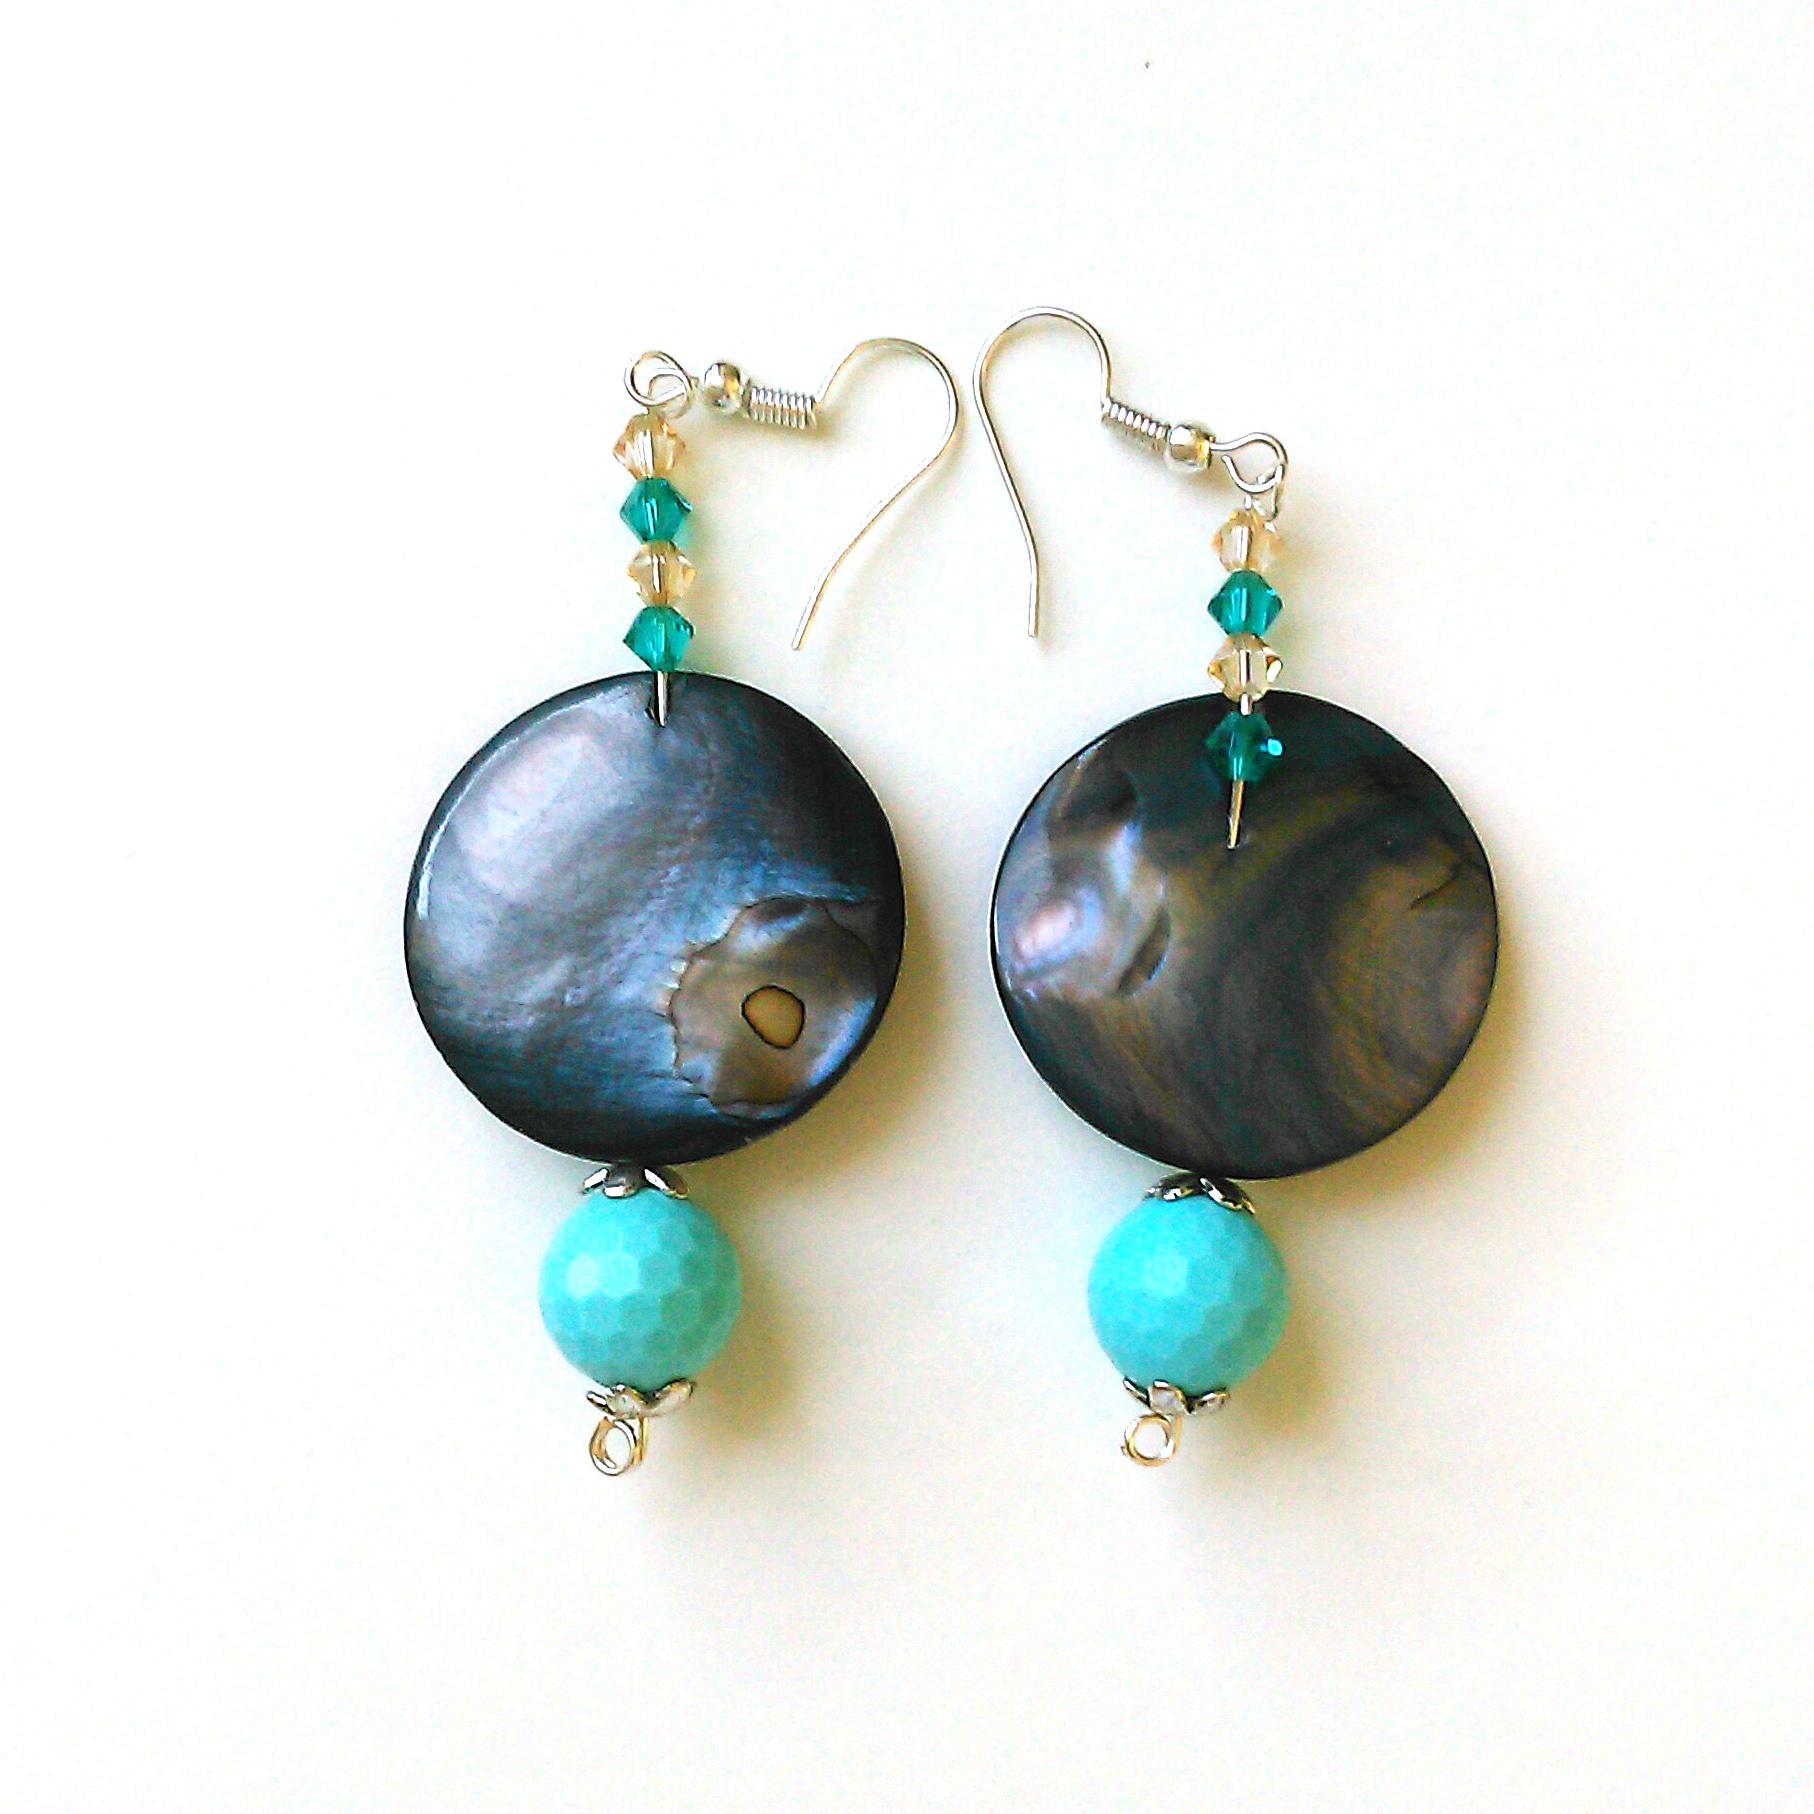 78 orecchini madreperla blu pietre dure creazioni for Orecchini con pietre dure fai da te